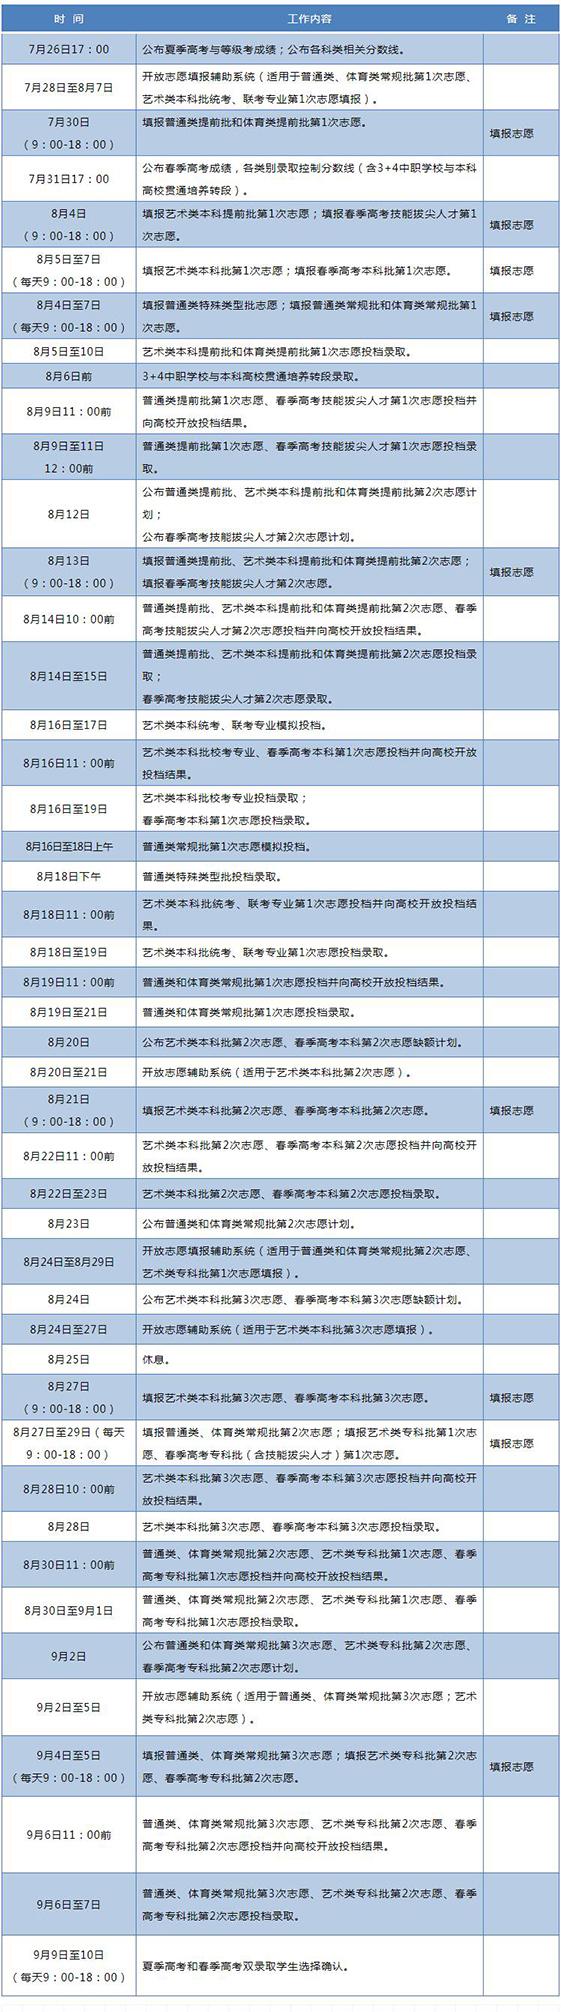 山东2020年高考各批次录取时间